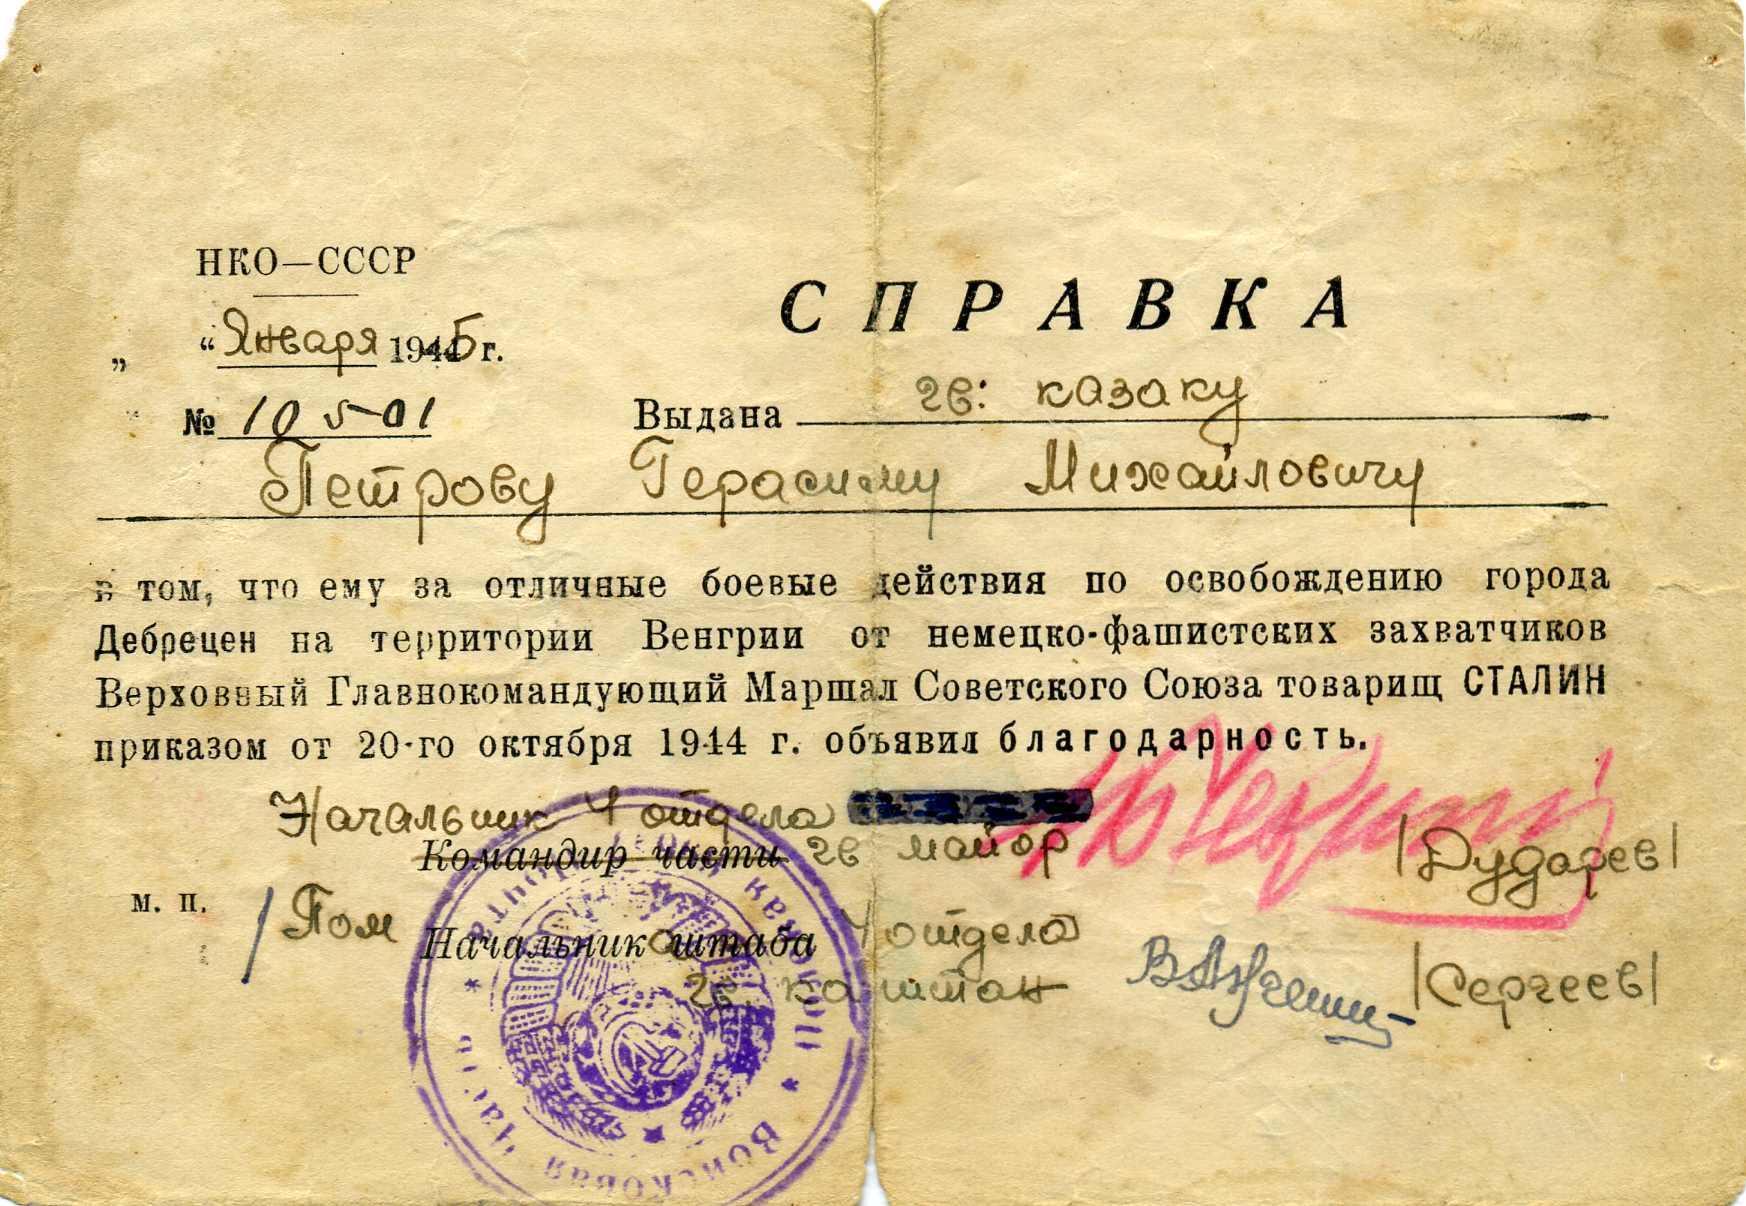 Анапчане – казаки 4-го гвардейского Кубанского казачьего кавалерийского корпуса., изображение №12